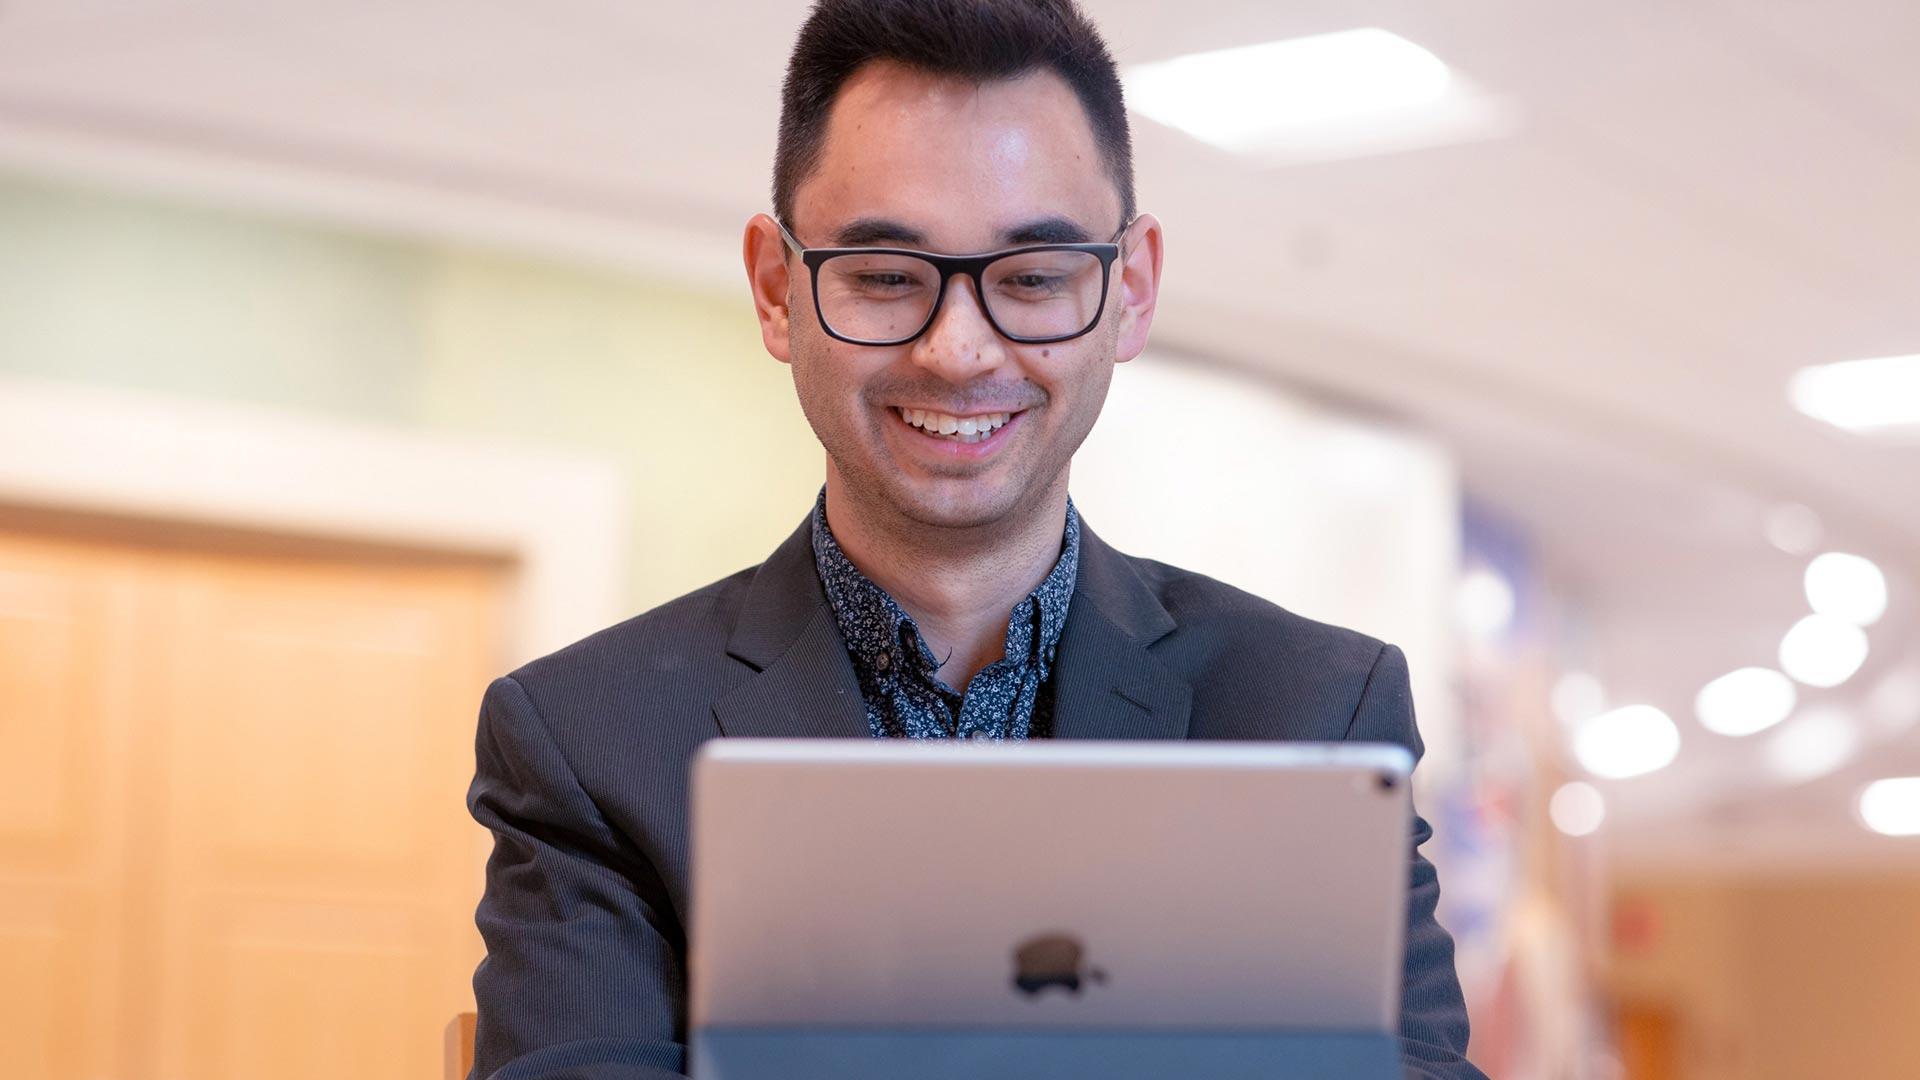 Smiling man looking at an iPad